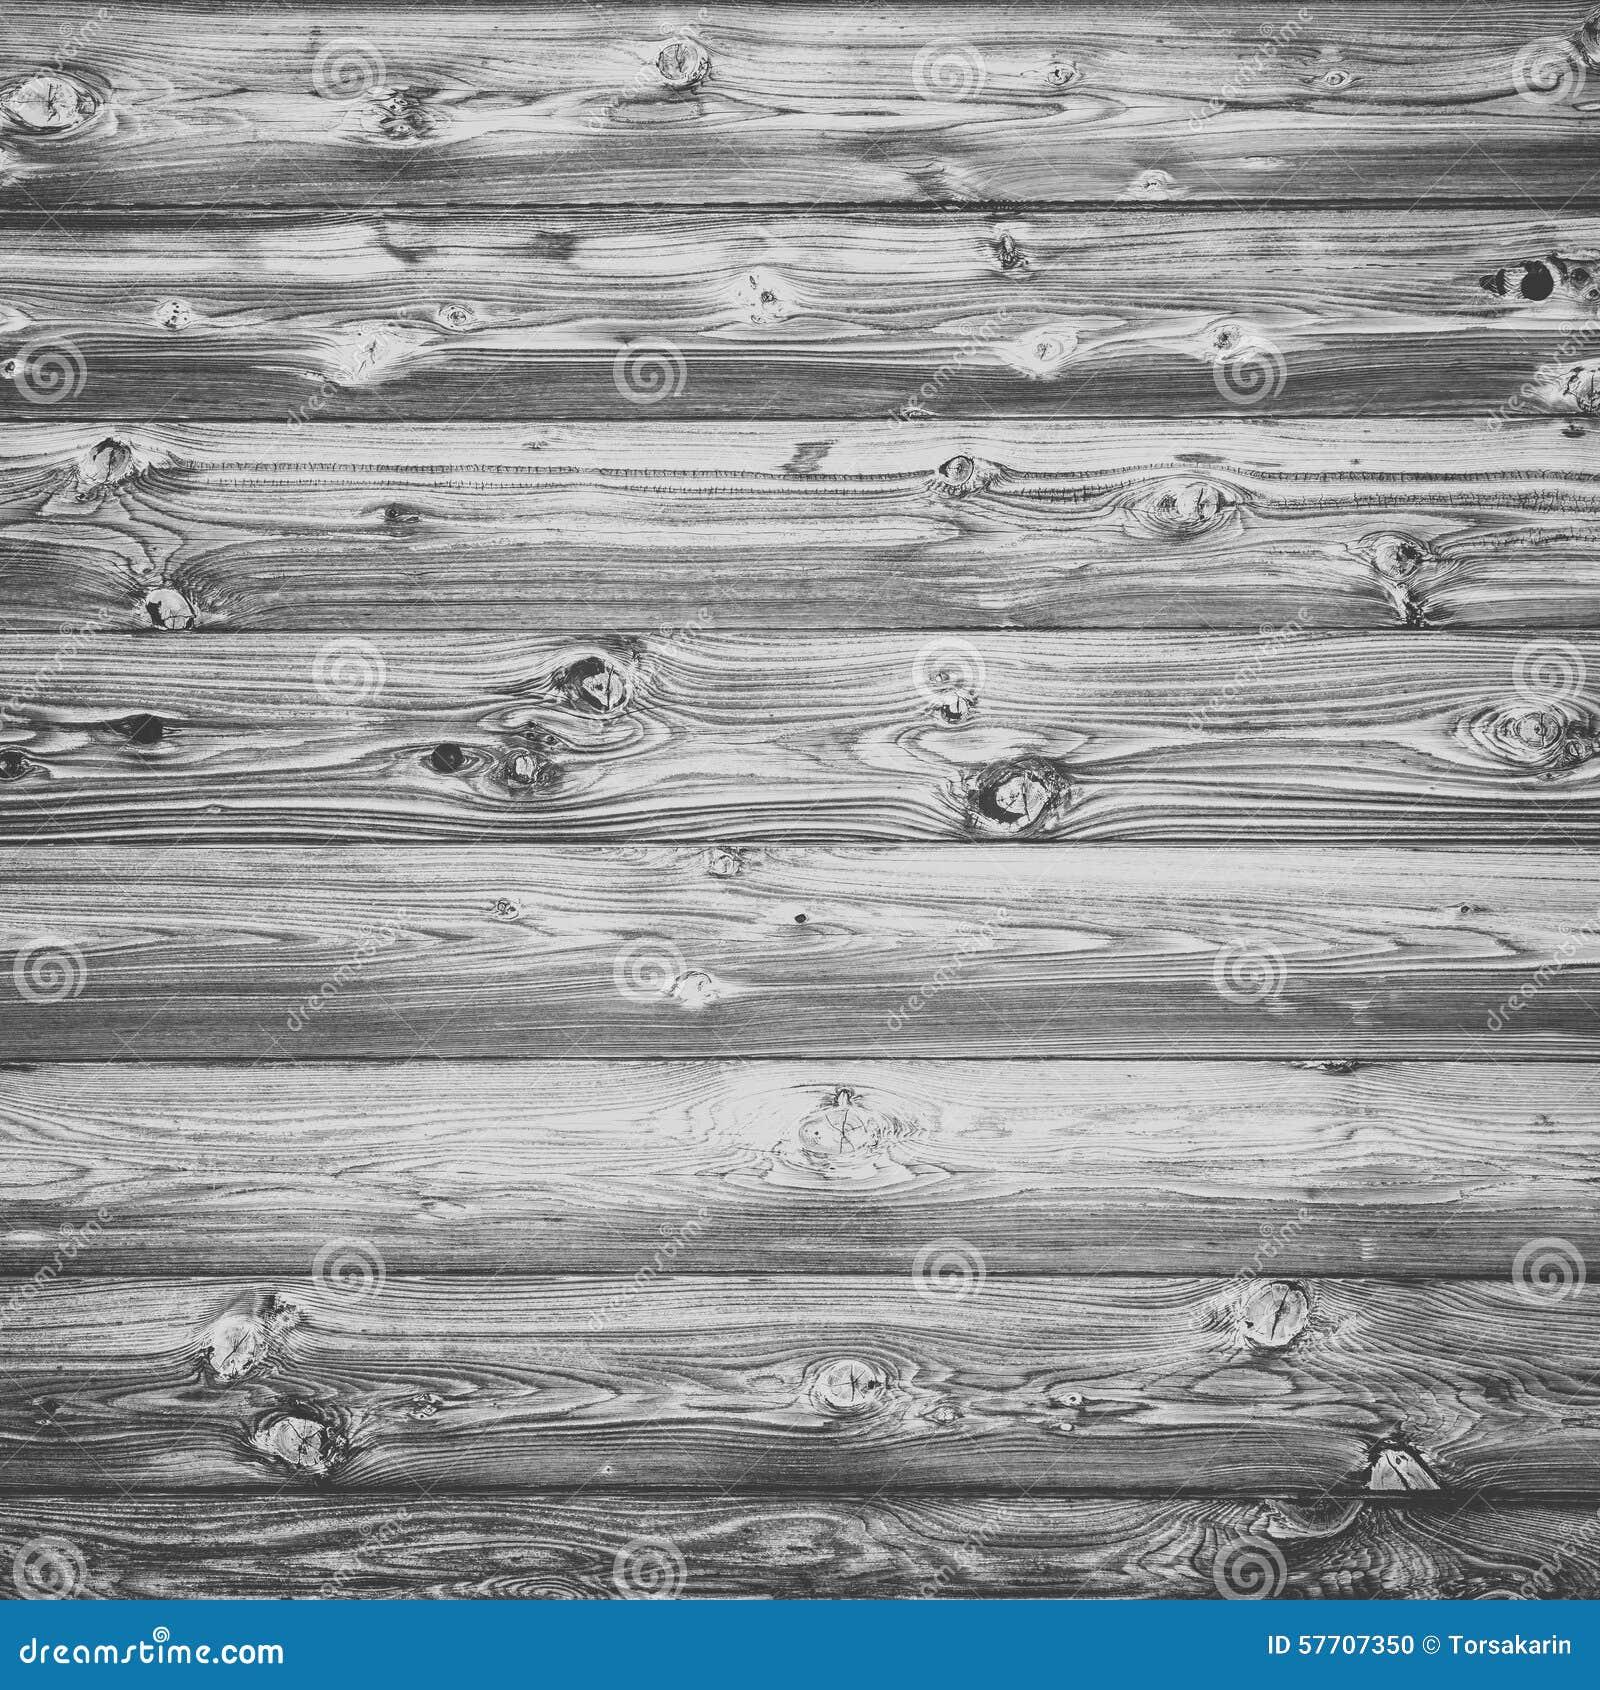 Wood planka